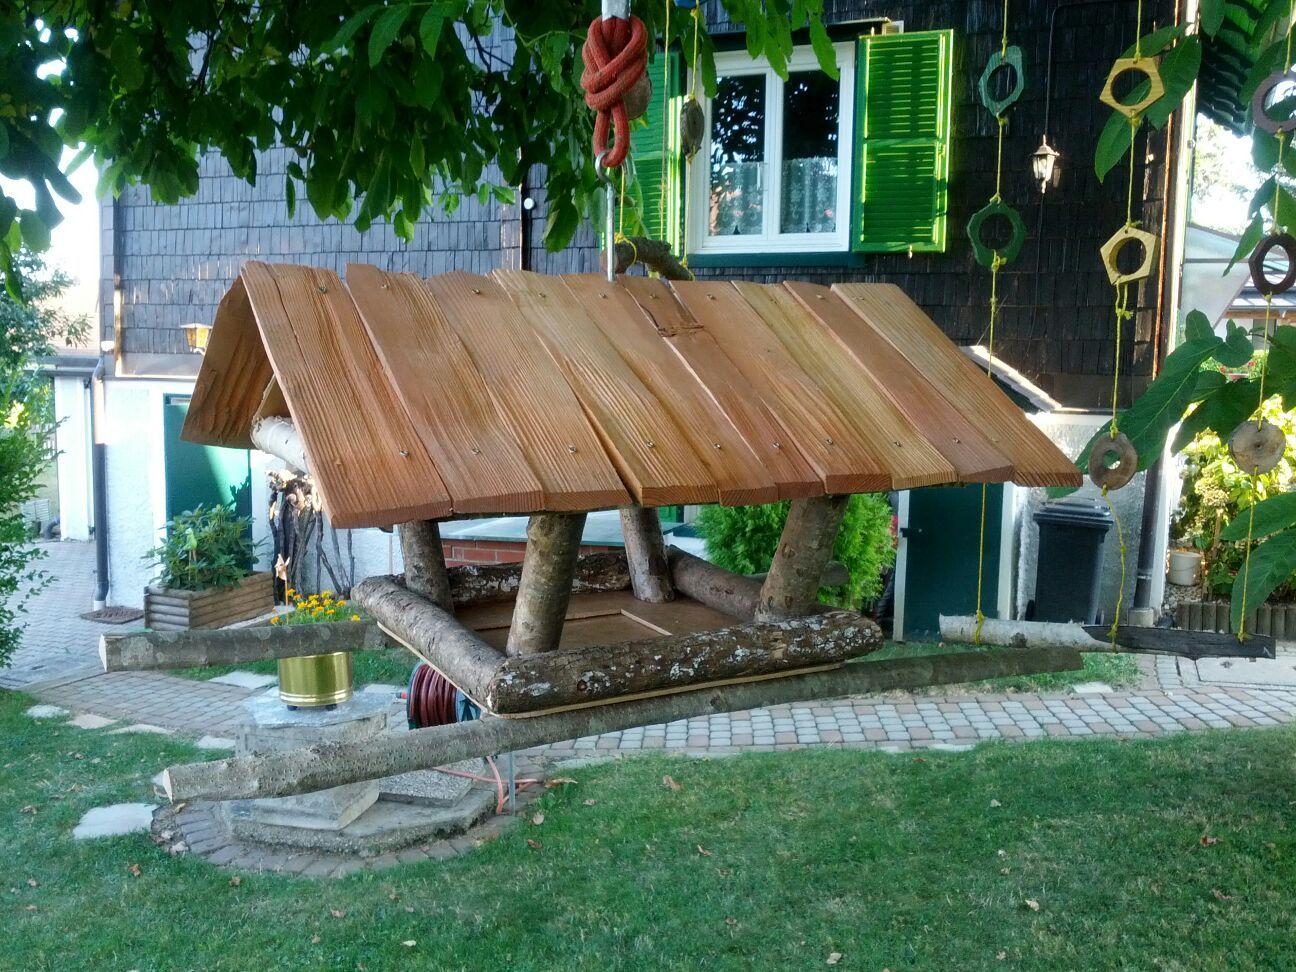 vogelhaus zum selber bauen cheap vogelhaus selber bauen with vogelhaus zum selber bauen. Black Bedroom Furniture Sets. Home Design Ideas